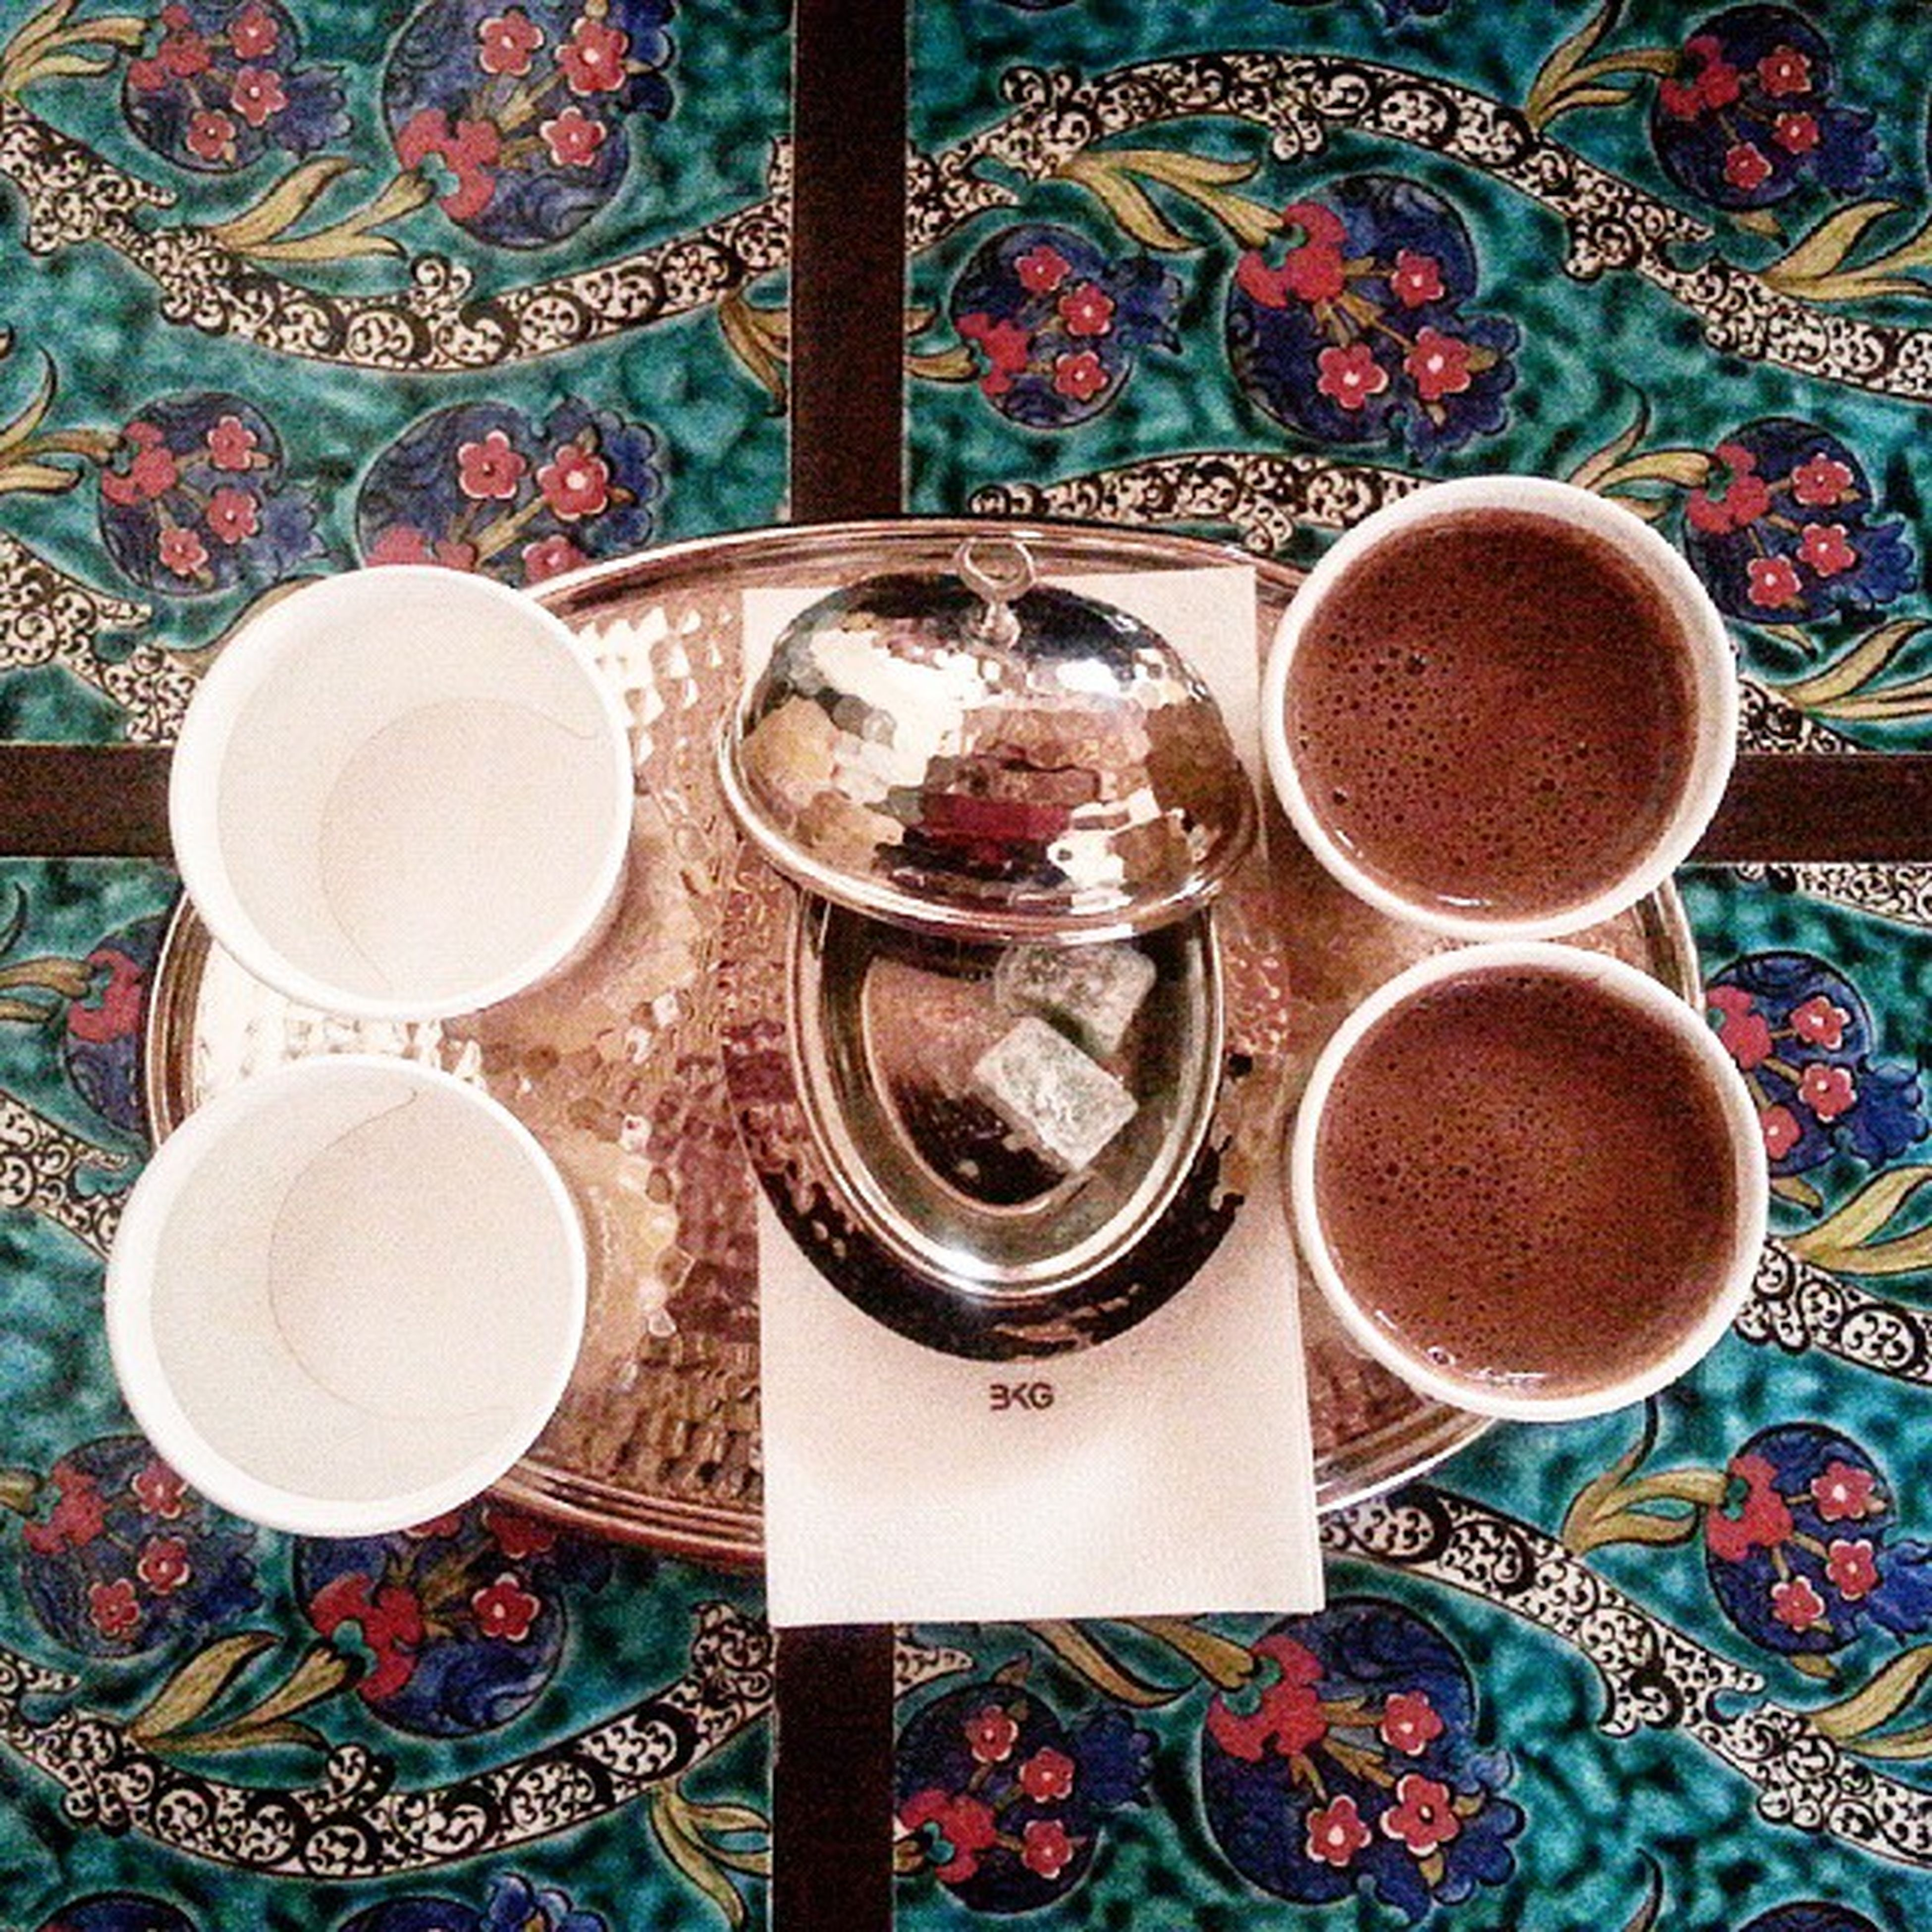 Kahve sergisinden cikip kahve icme zevki 😍Fincanlar karton olmasa daha iyiydi ama yine de cok guzeliz👩👩Lokum Türkkahvesi Turkishcoffee Coffeeholic Coffeelovers Coffeetime Lifestyle Instagram_turkey Instagramturkiye Turkiyeinstagram